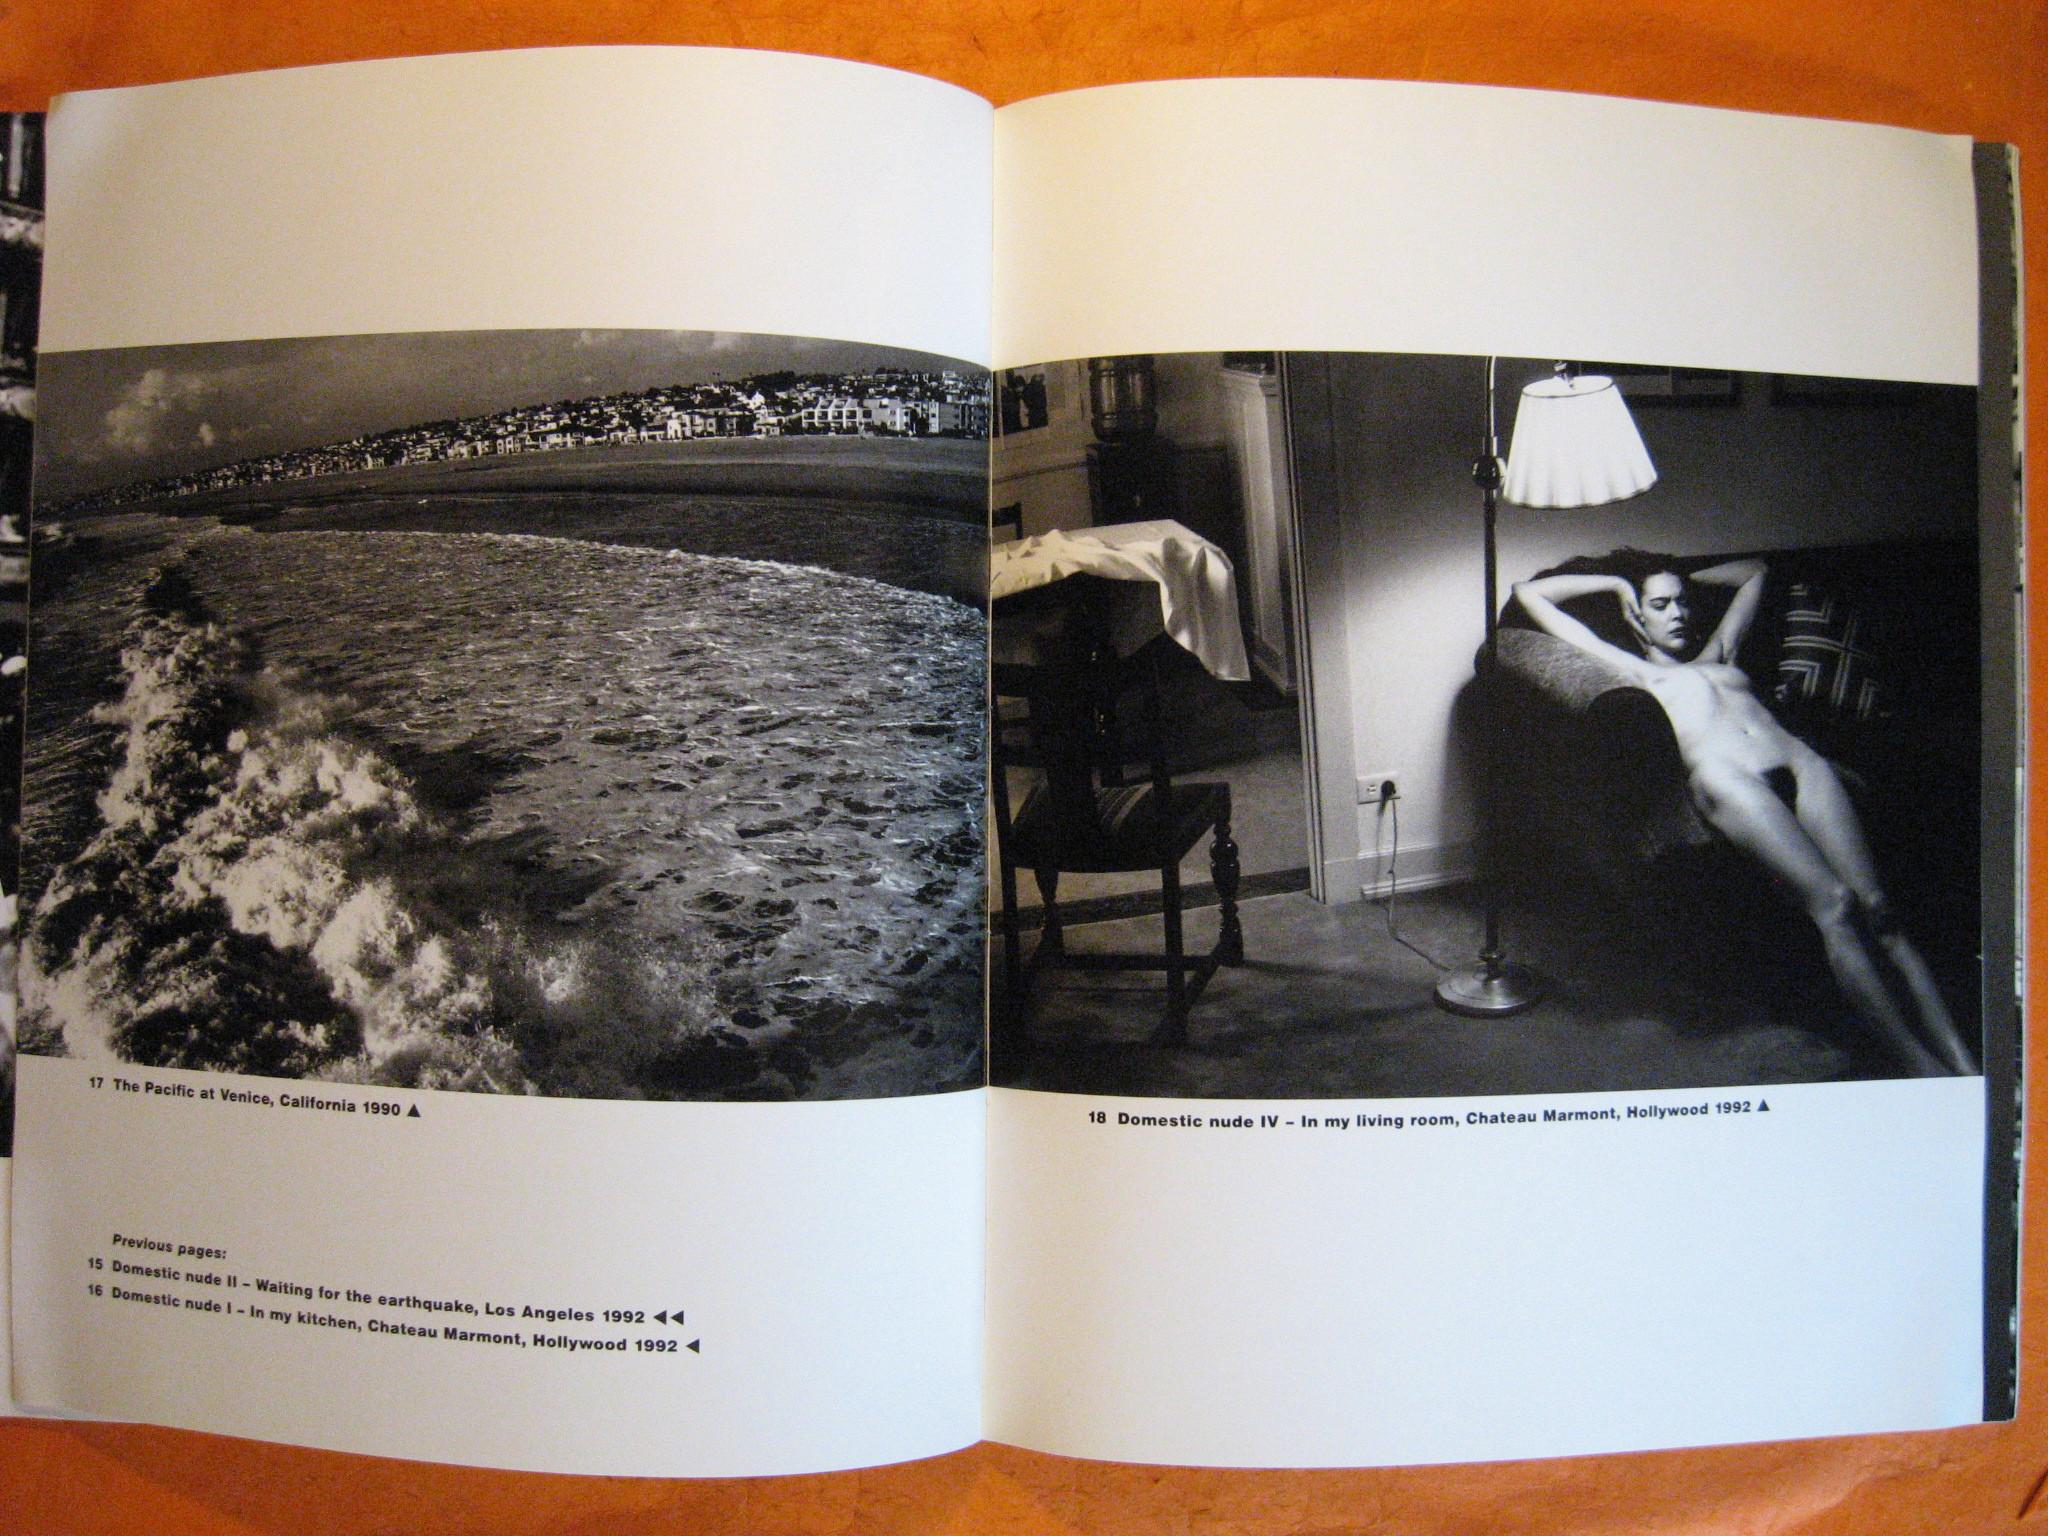 HELMUT NEWTON. DESNUDO DOMÉSTICO V. NEWTON, COMO SE SABE. ES QUIEN FIJÓ HACE 40 AÑOS LAS PAUTAS DE LA FOTOGRAFÍA ERÓTICA QUE EN GRAN MEDIDA AÚN SE MANEJAN HOY.